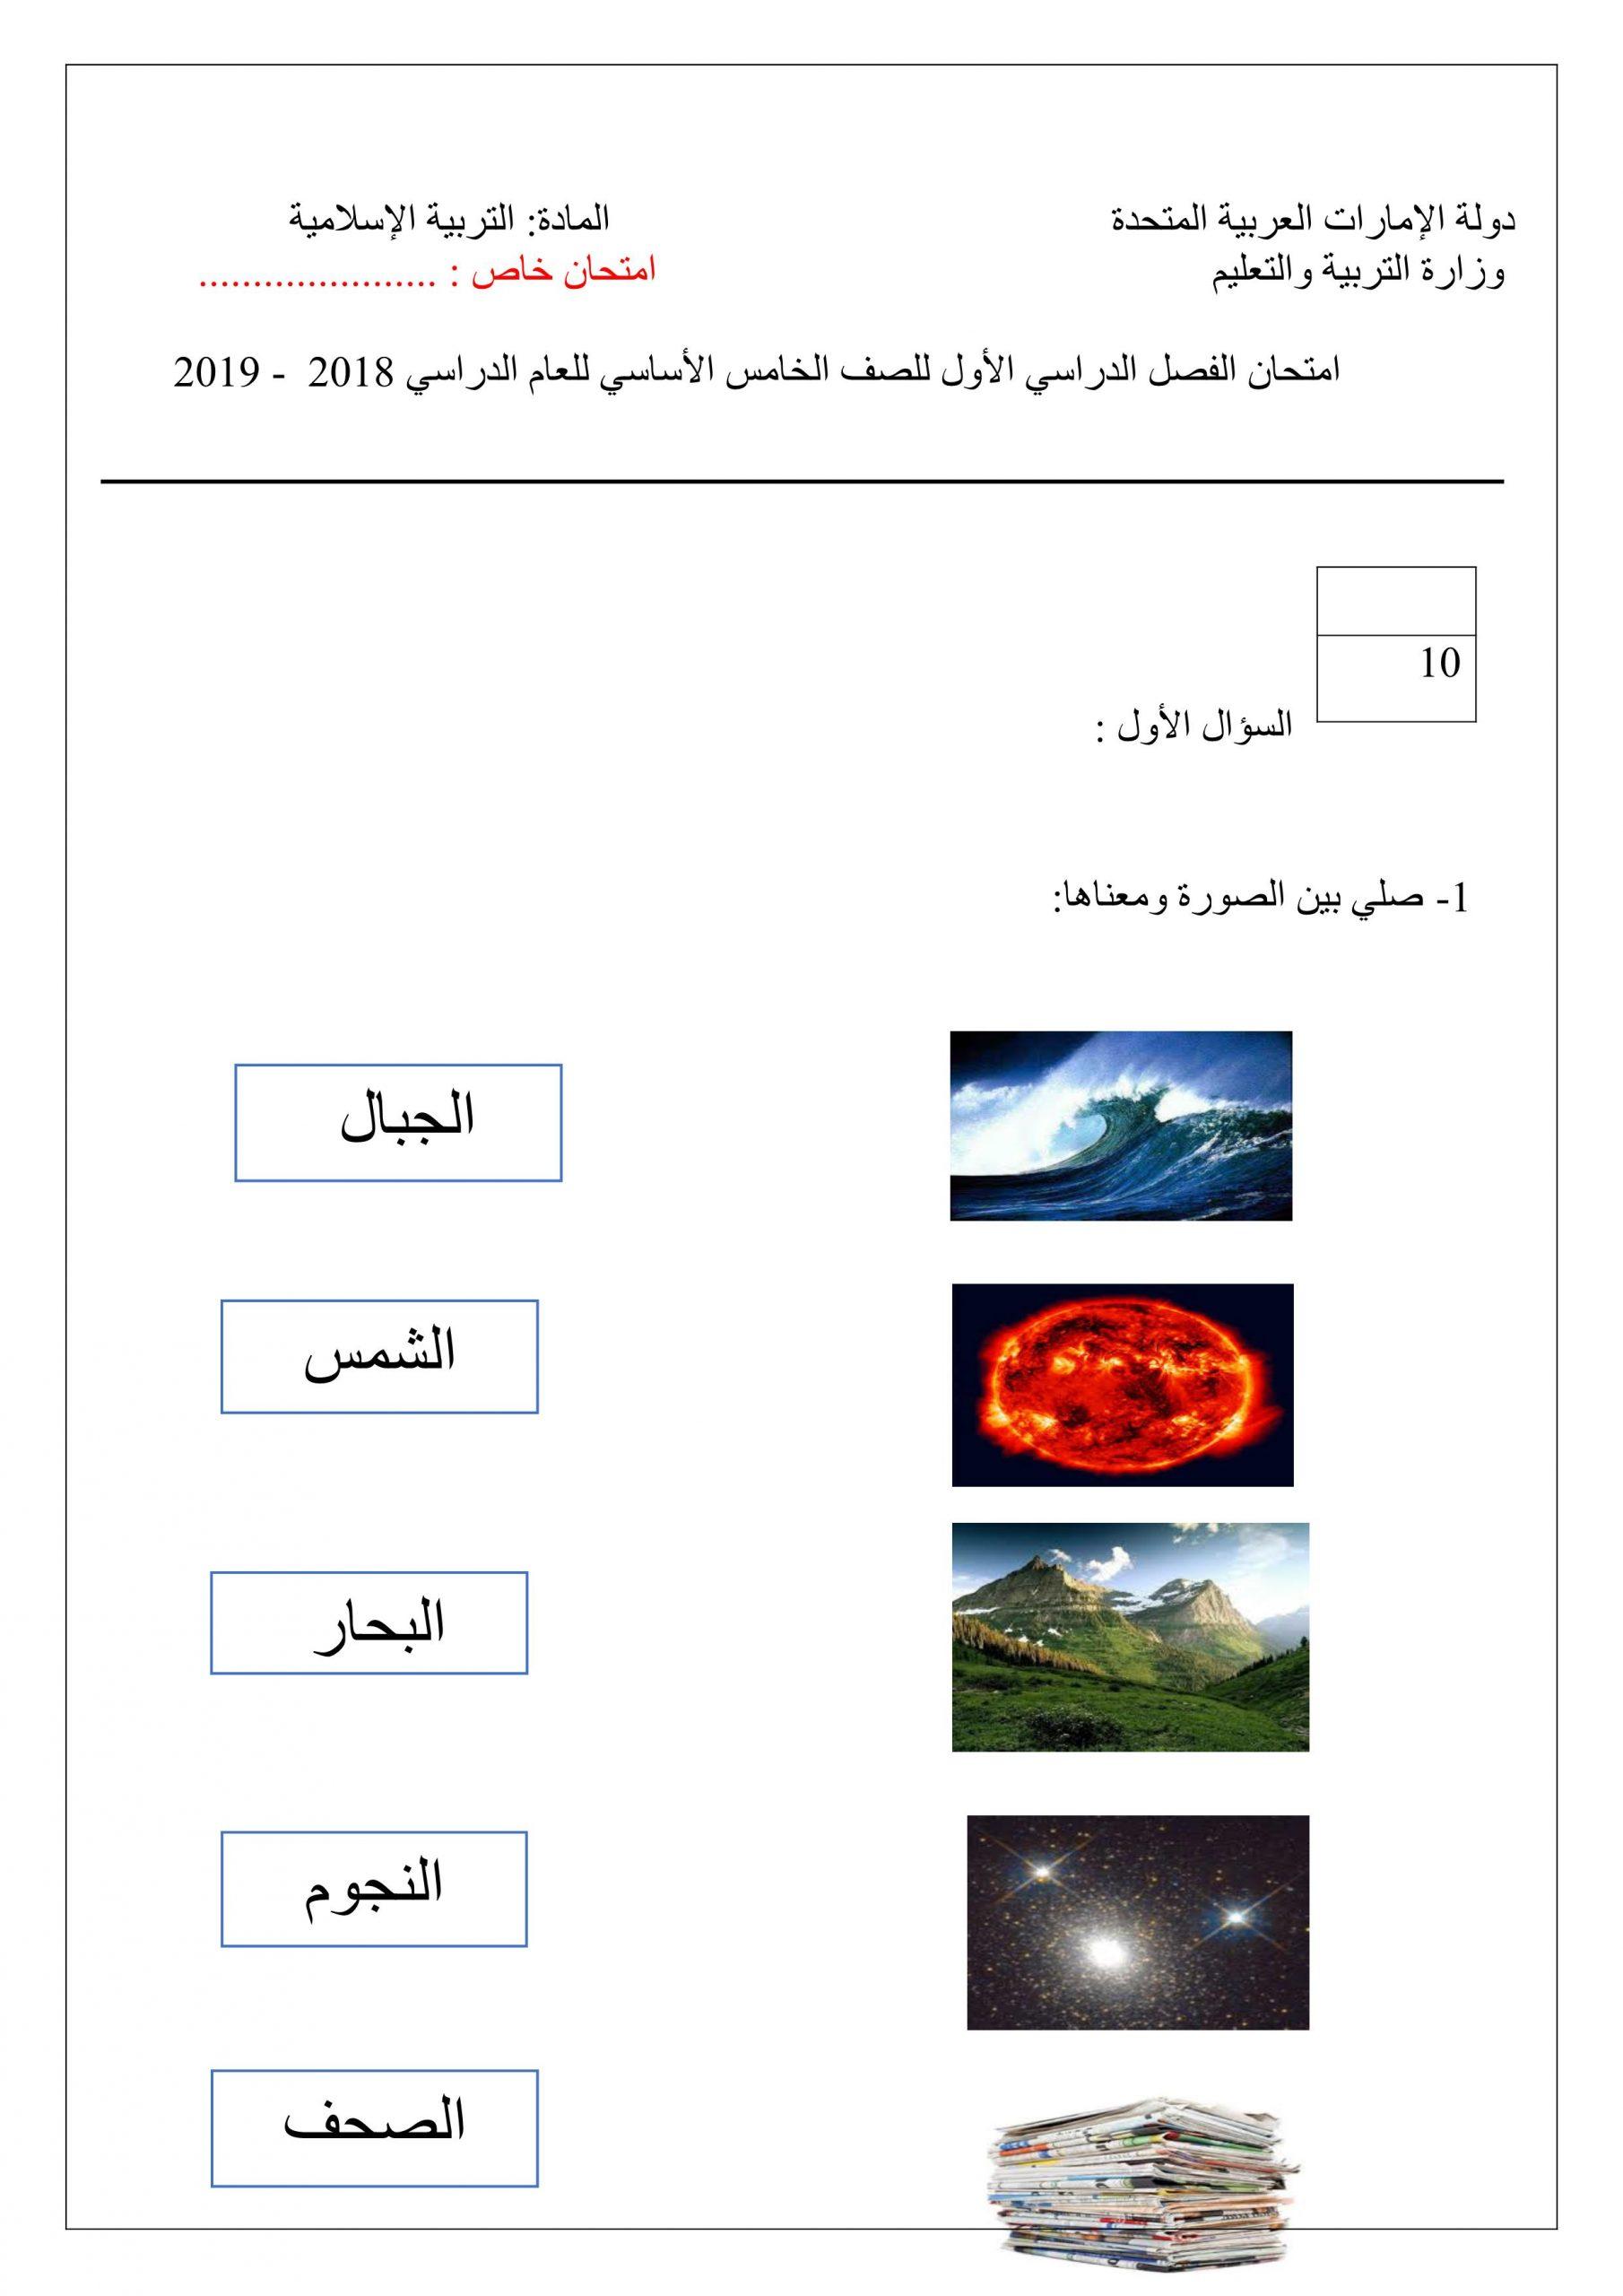 امتحان خاص نهاية الفصل الدراسي الاول الصف الخامس مادة التربية الاسلامية